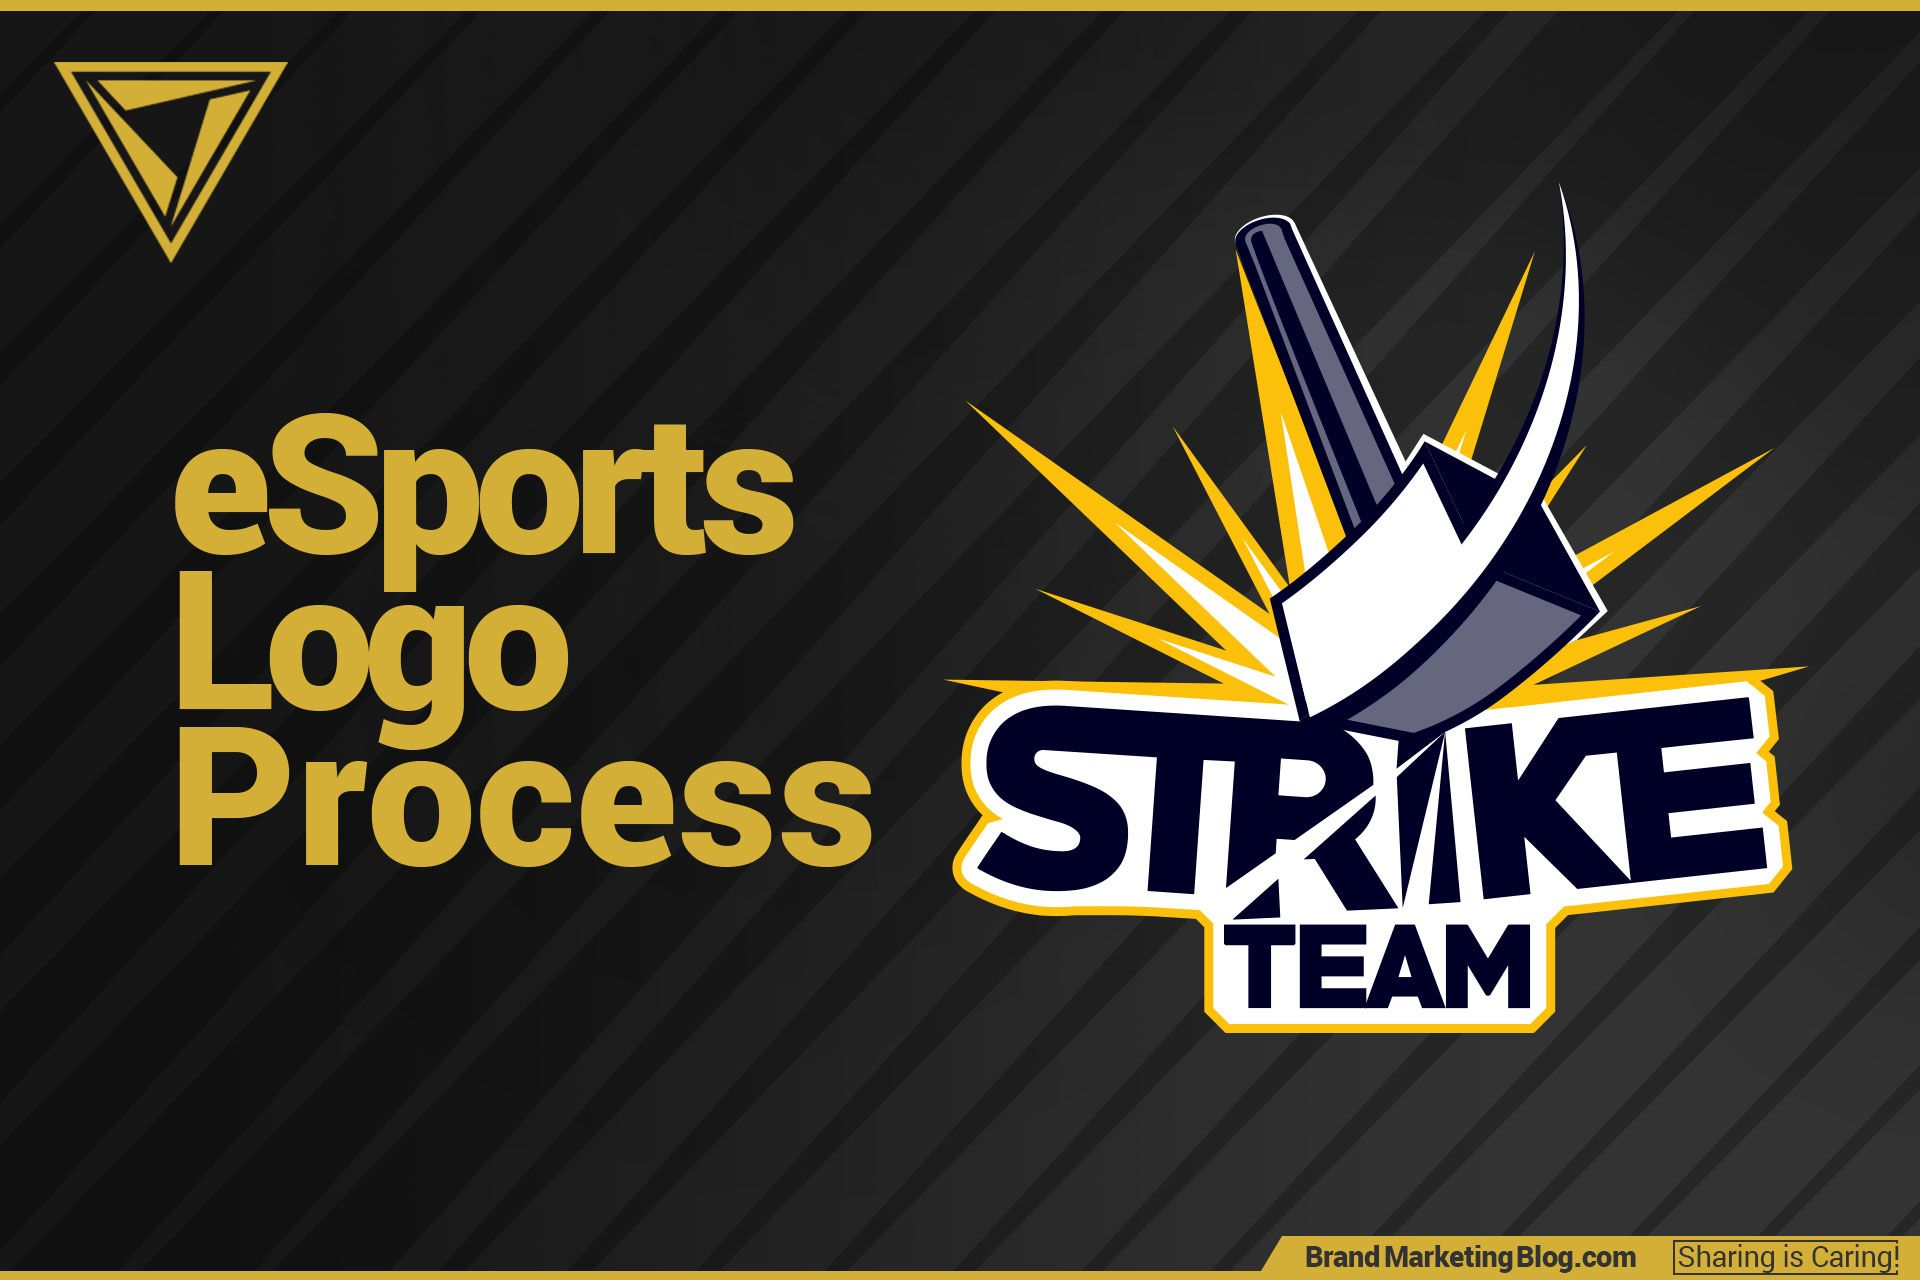 eSports Logo Design Esports logo, Logos design, Team